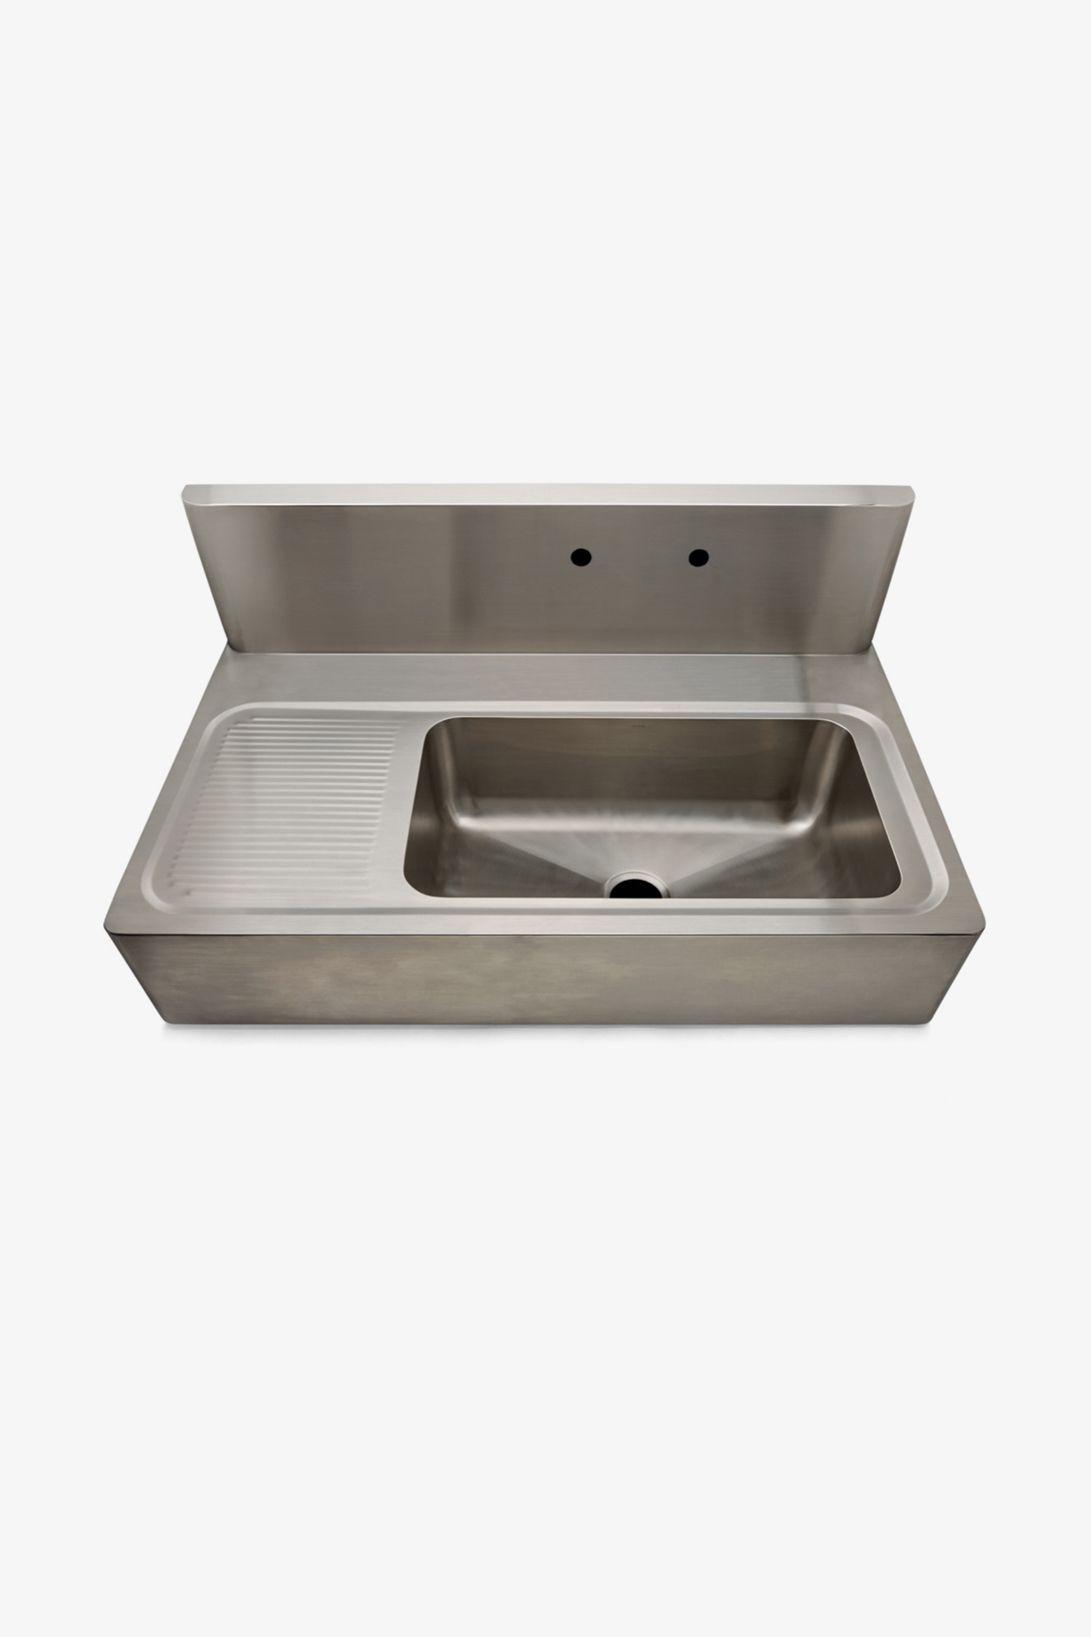 Kerr 48 X 27 1 8 X 22 Stainless Steel Farmhouse Apron Kitchen